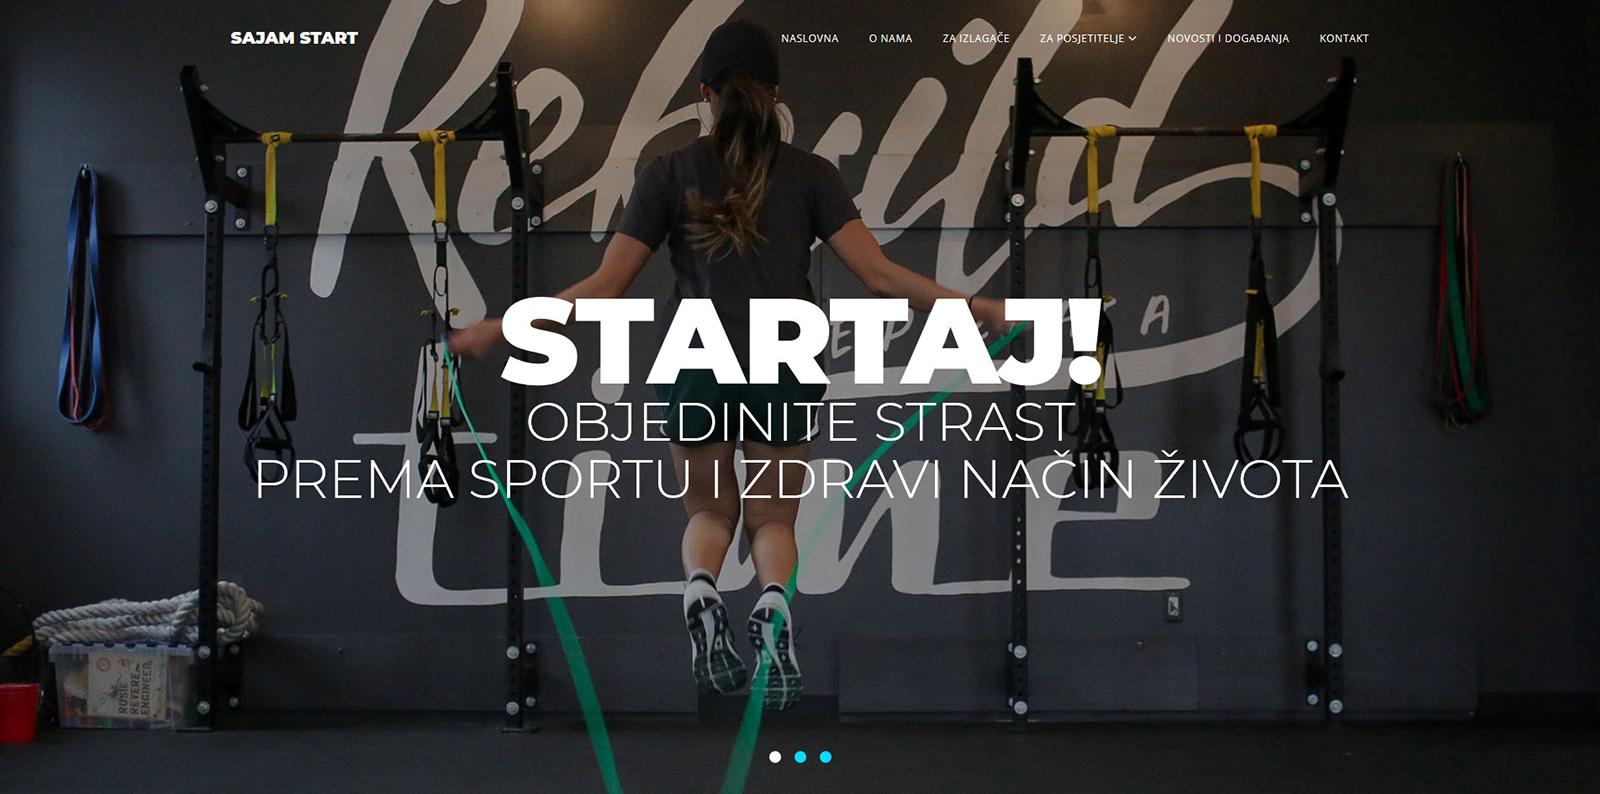 Dizajnist_SAJAM START